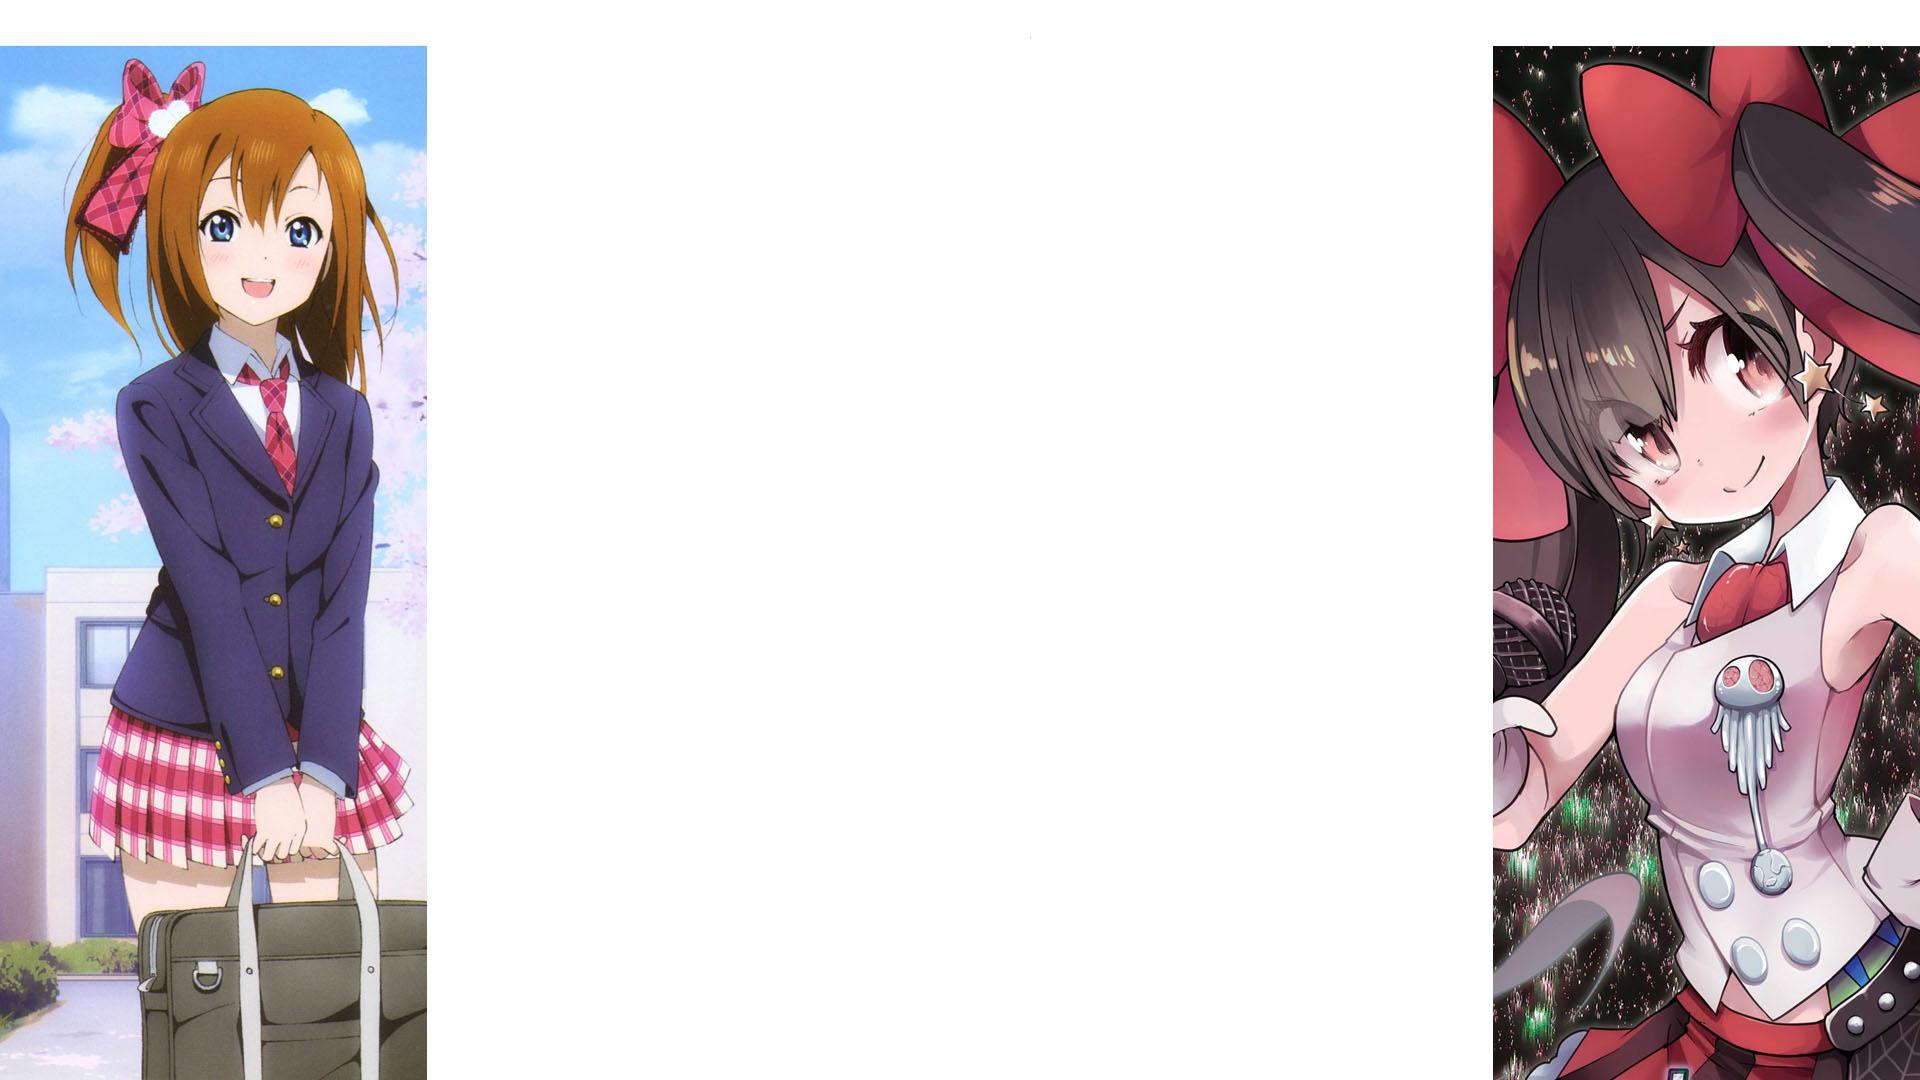 Bimbo com 39 s ma jeu de mode jeu de filles et - Love live wallpaper 540x960 ...